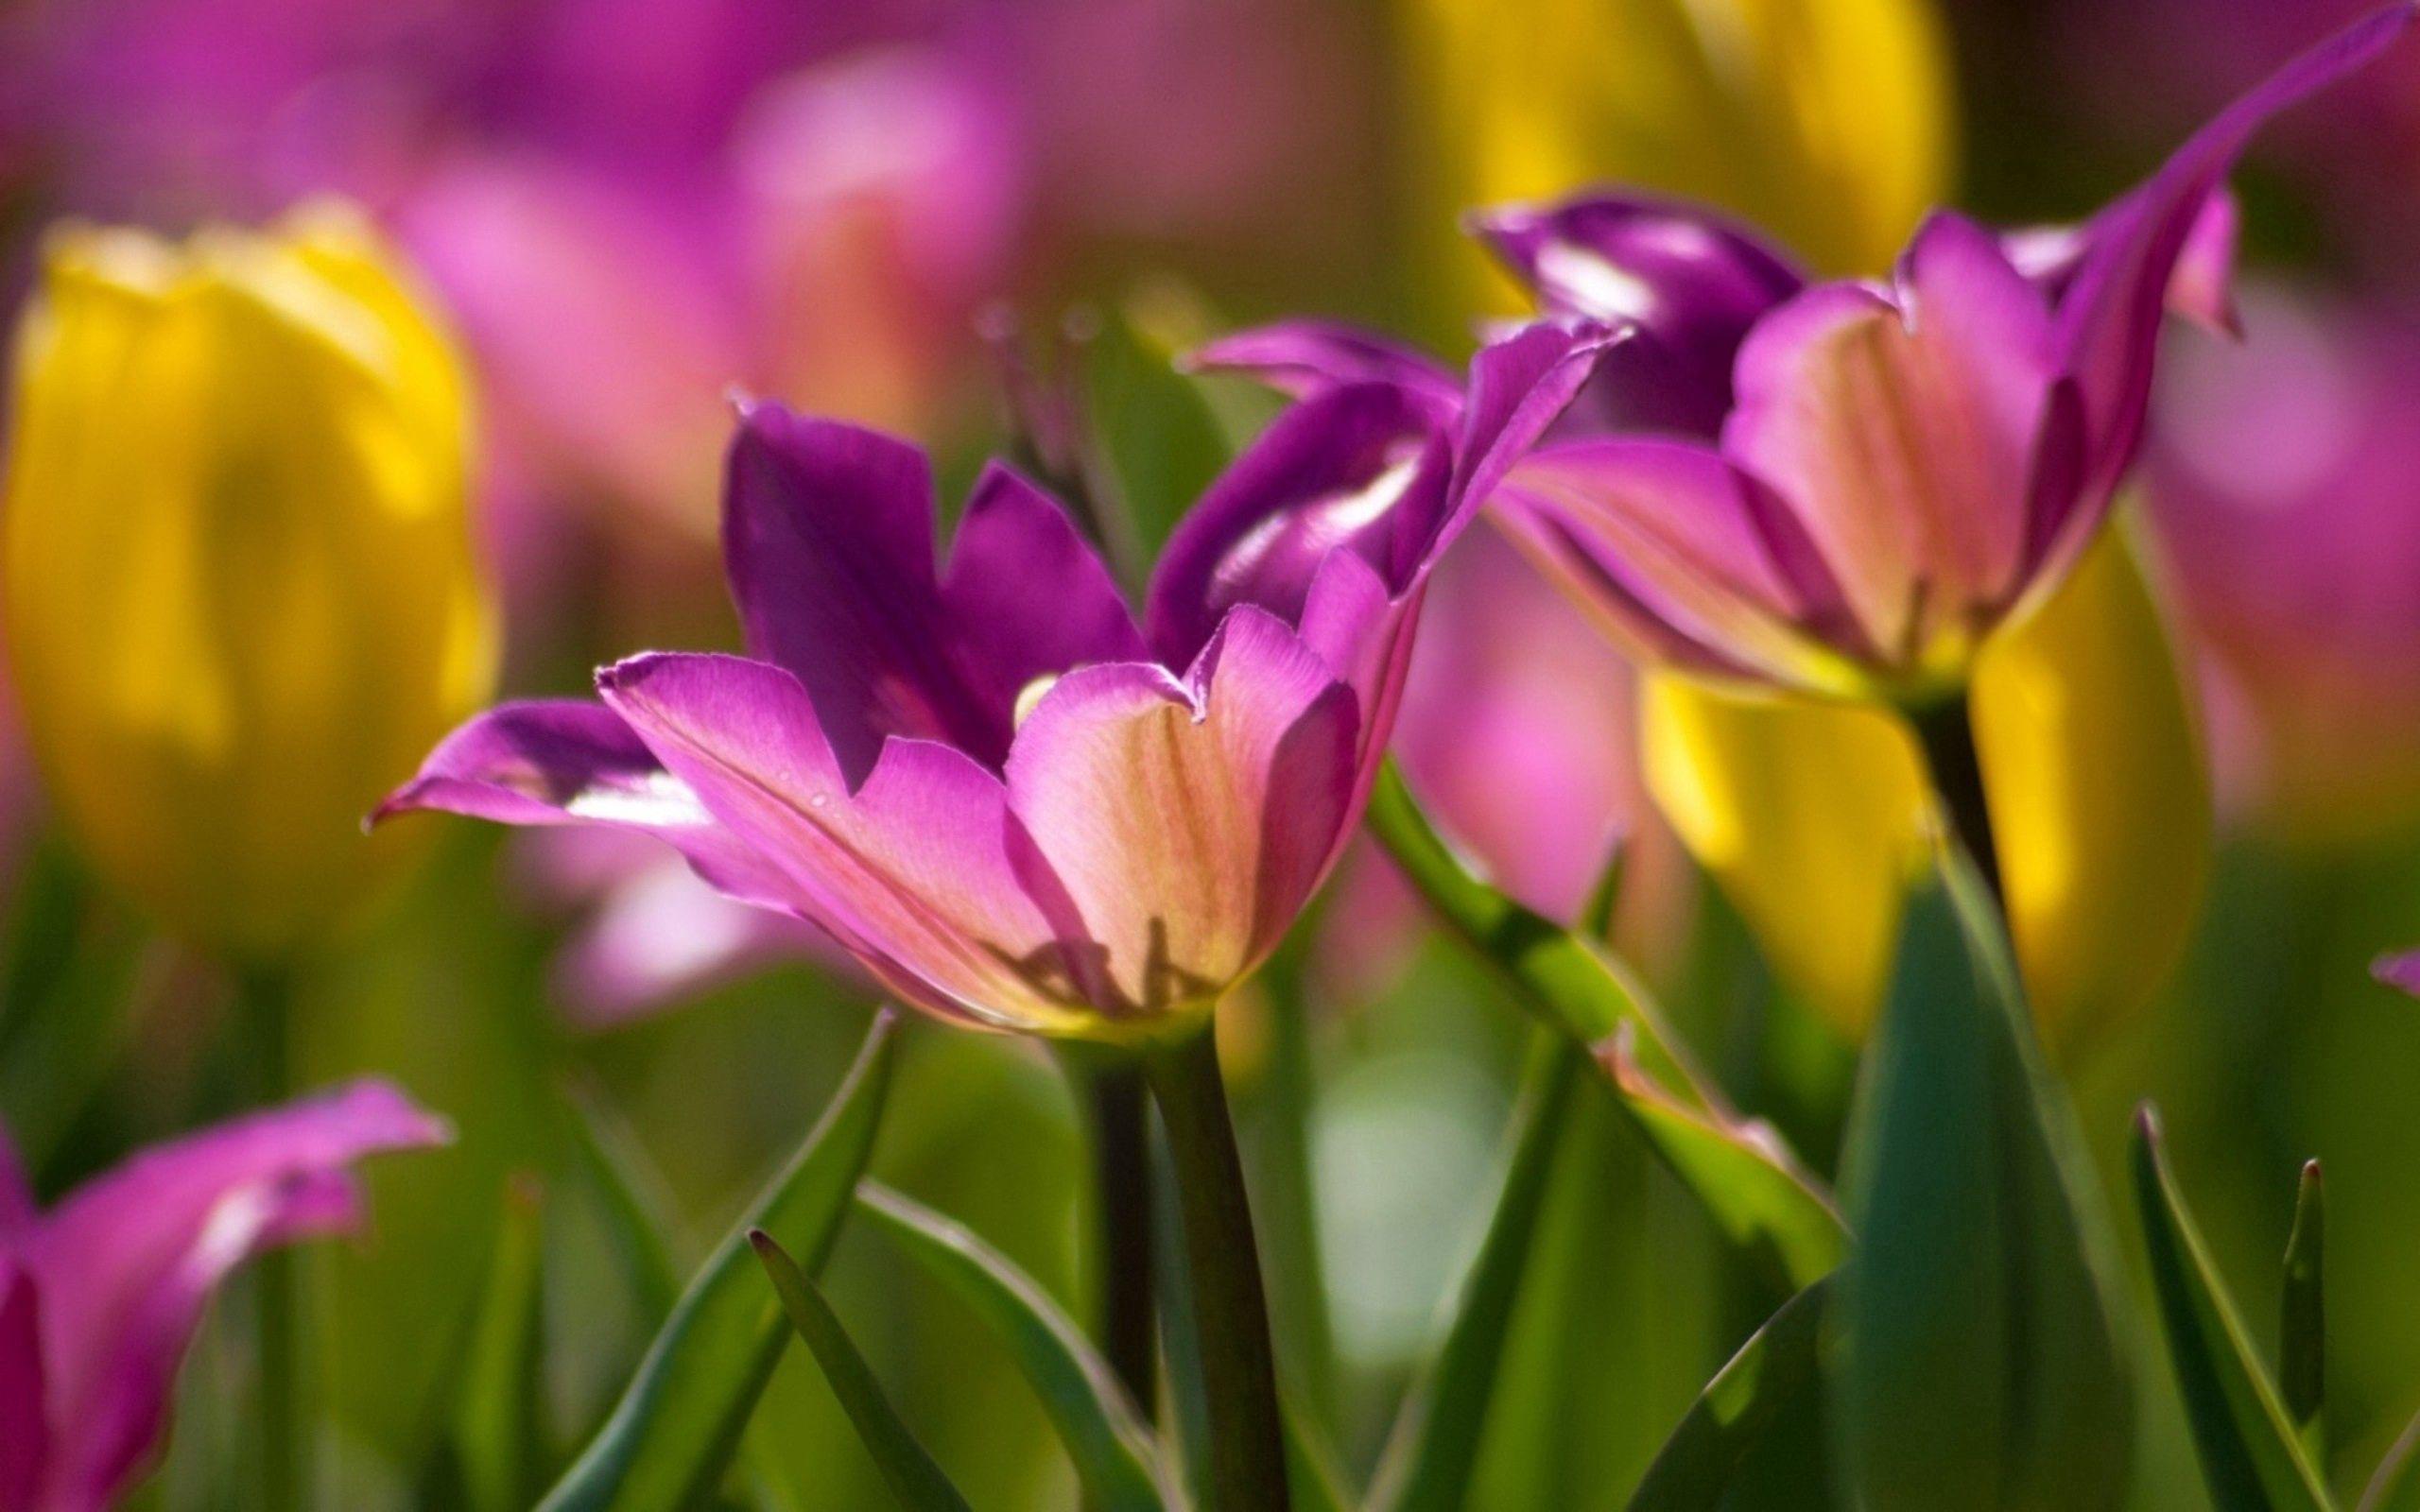 87352 скачать обои Цветы, Растение, Макро, Лепестки, Бутоны - заставки и картинки бесплатно